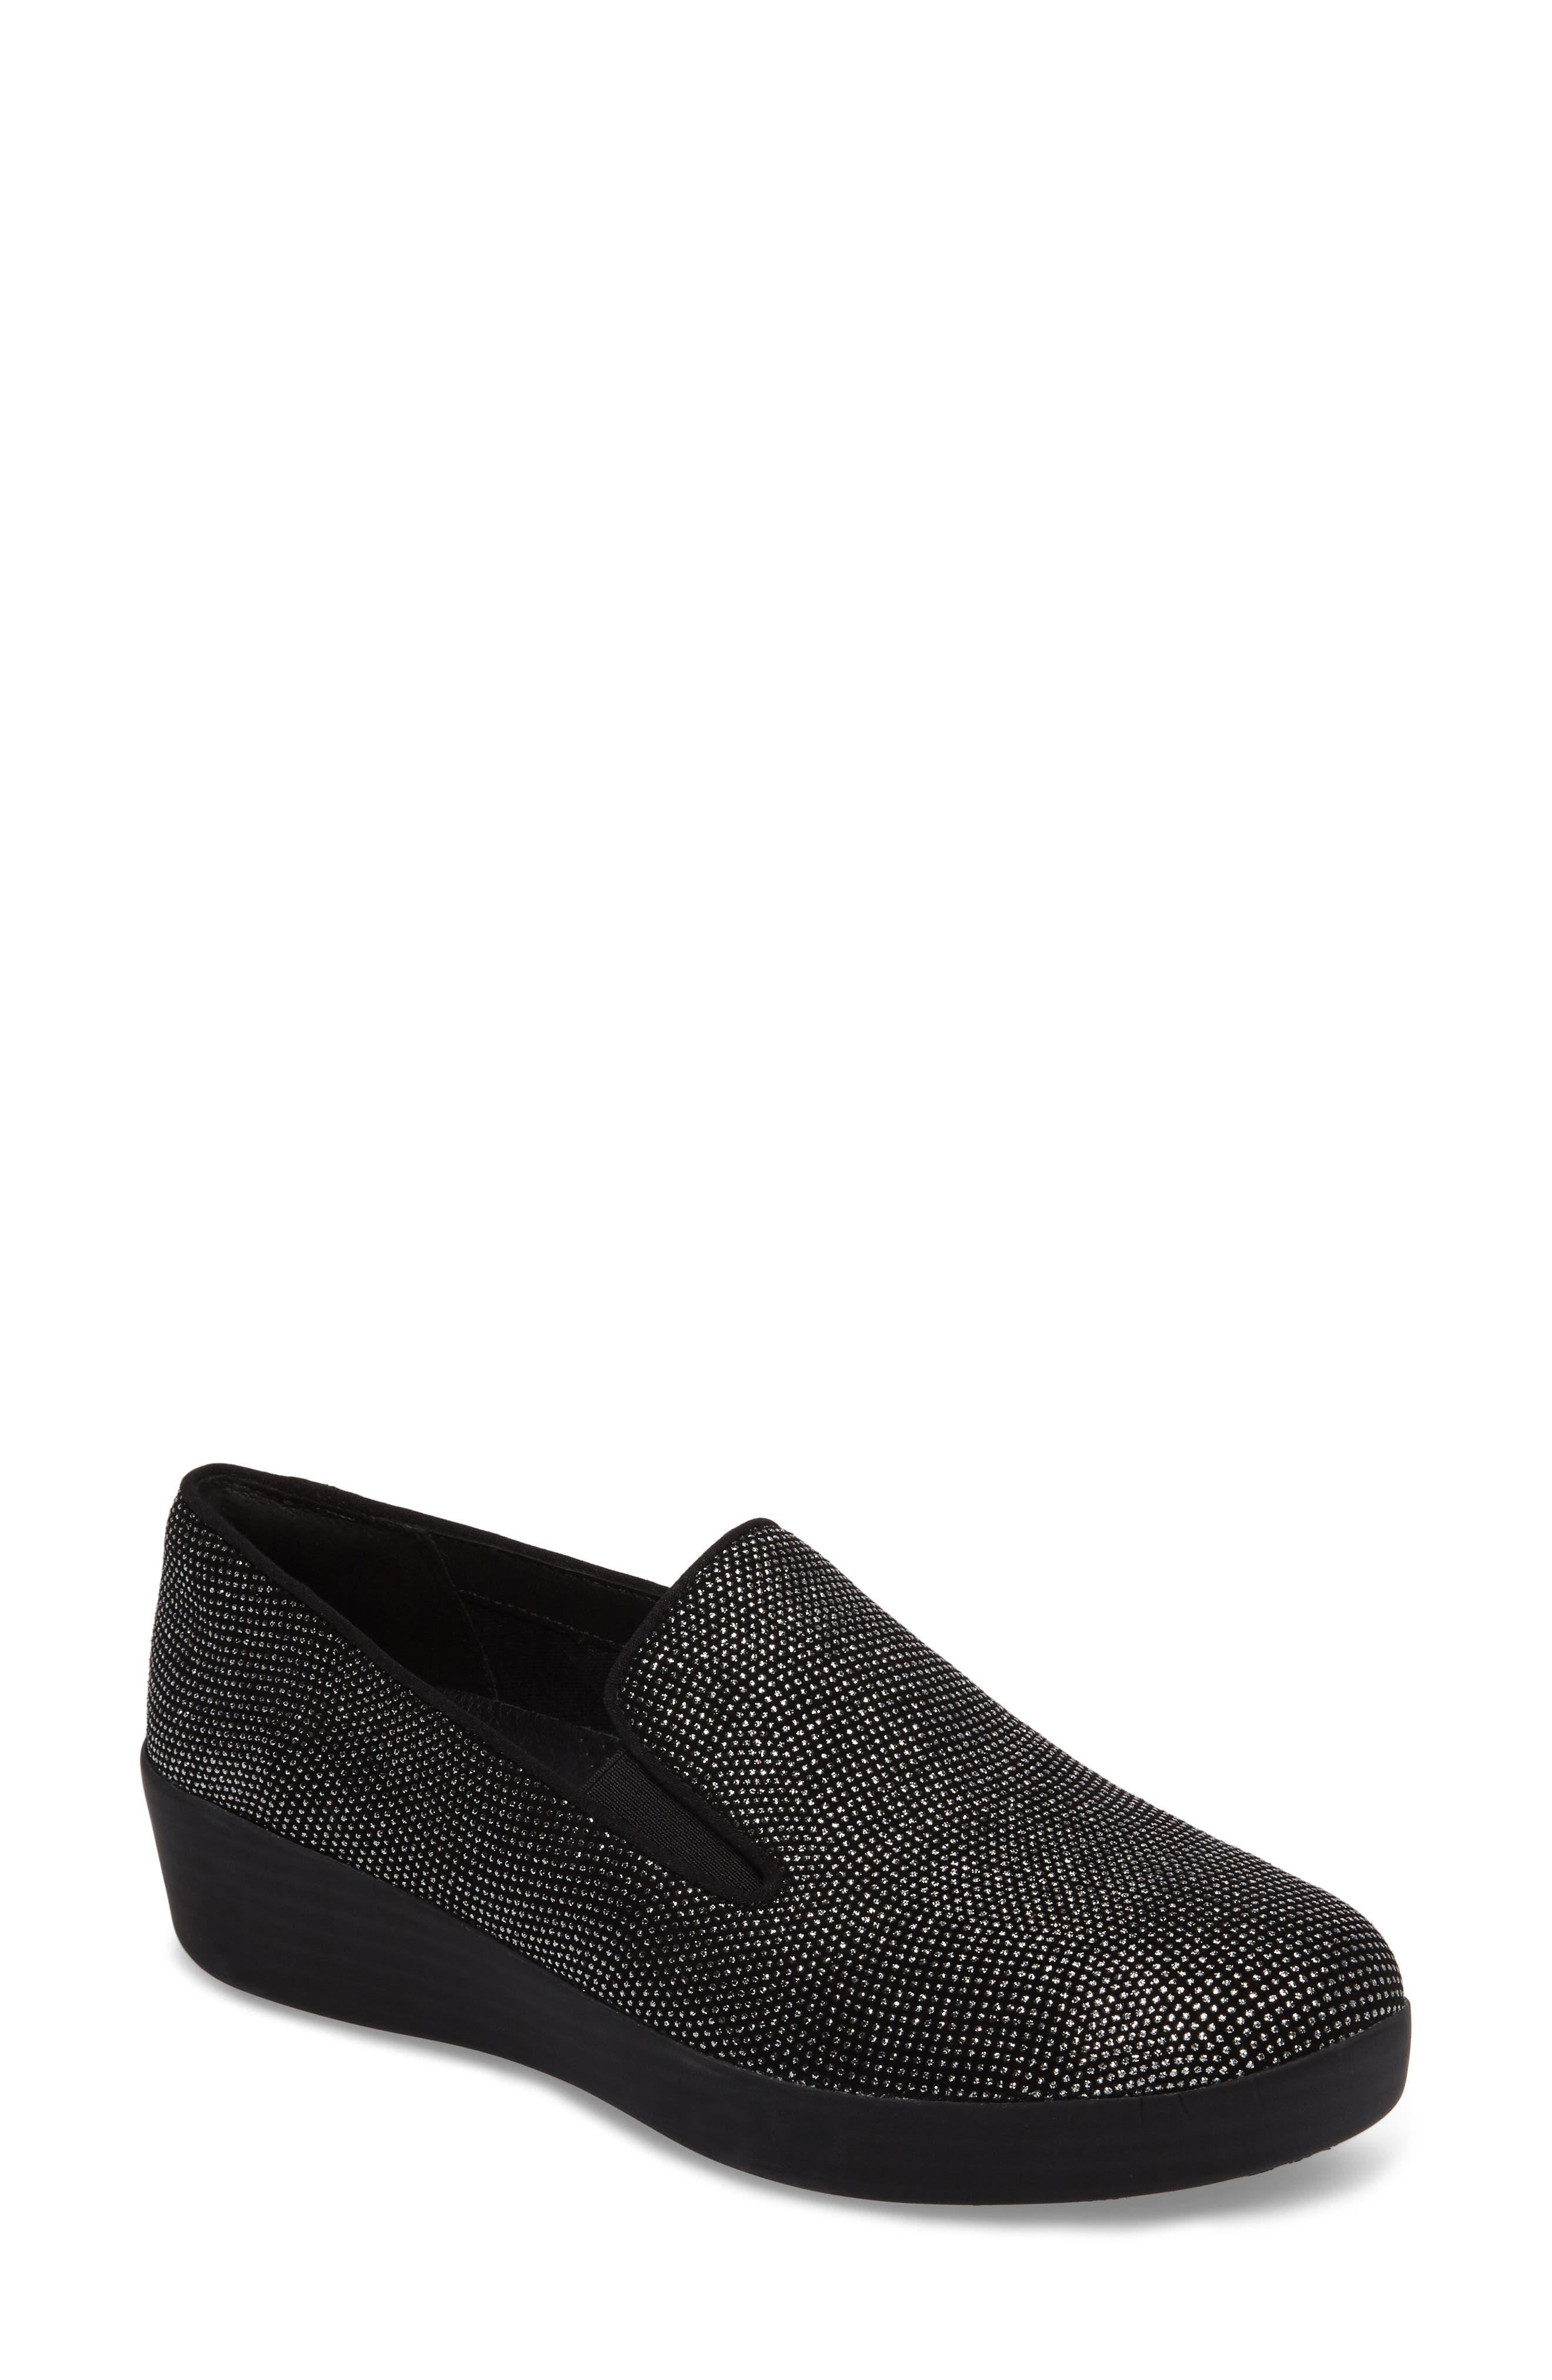 Main Image - FitFlop Superskate Glitter Dot Slip-On Sneaker (Women)